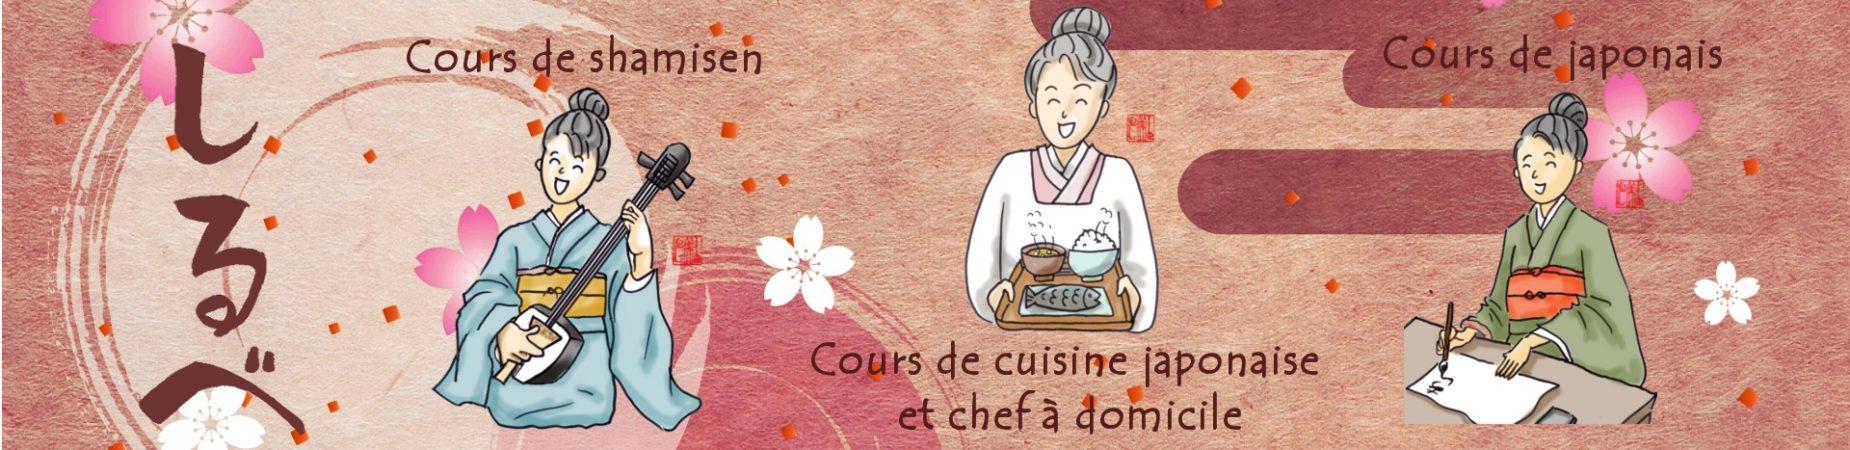 Culture japonaise à Orléans : cours de shamisen, chef à domicile, cours de japonais